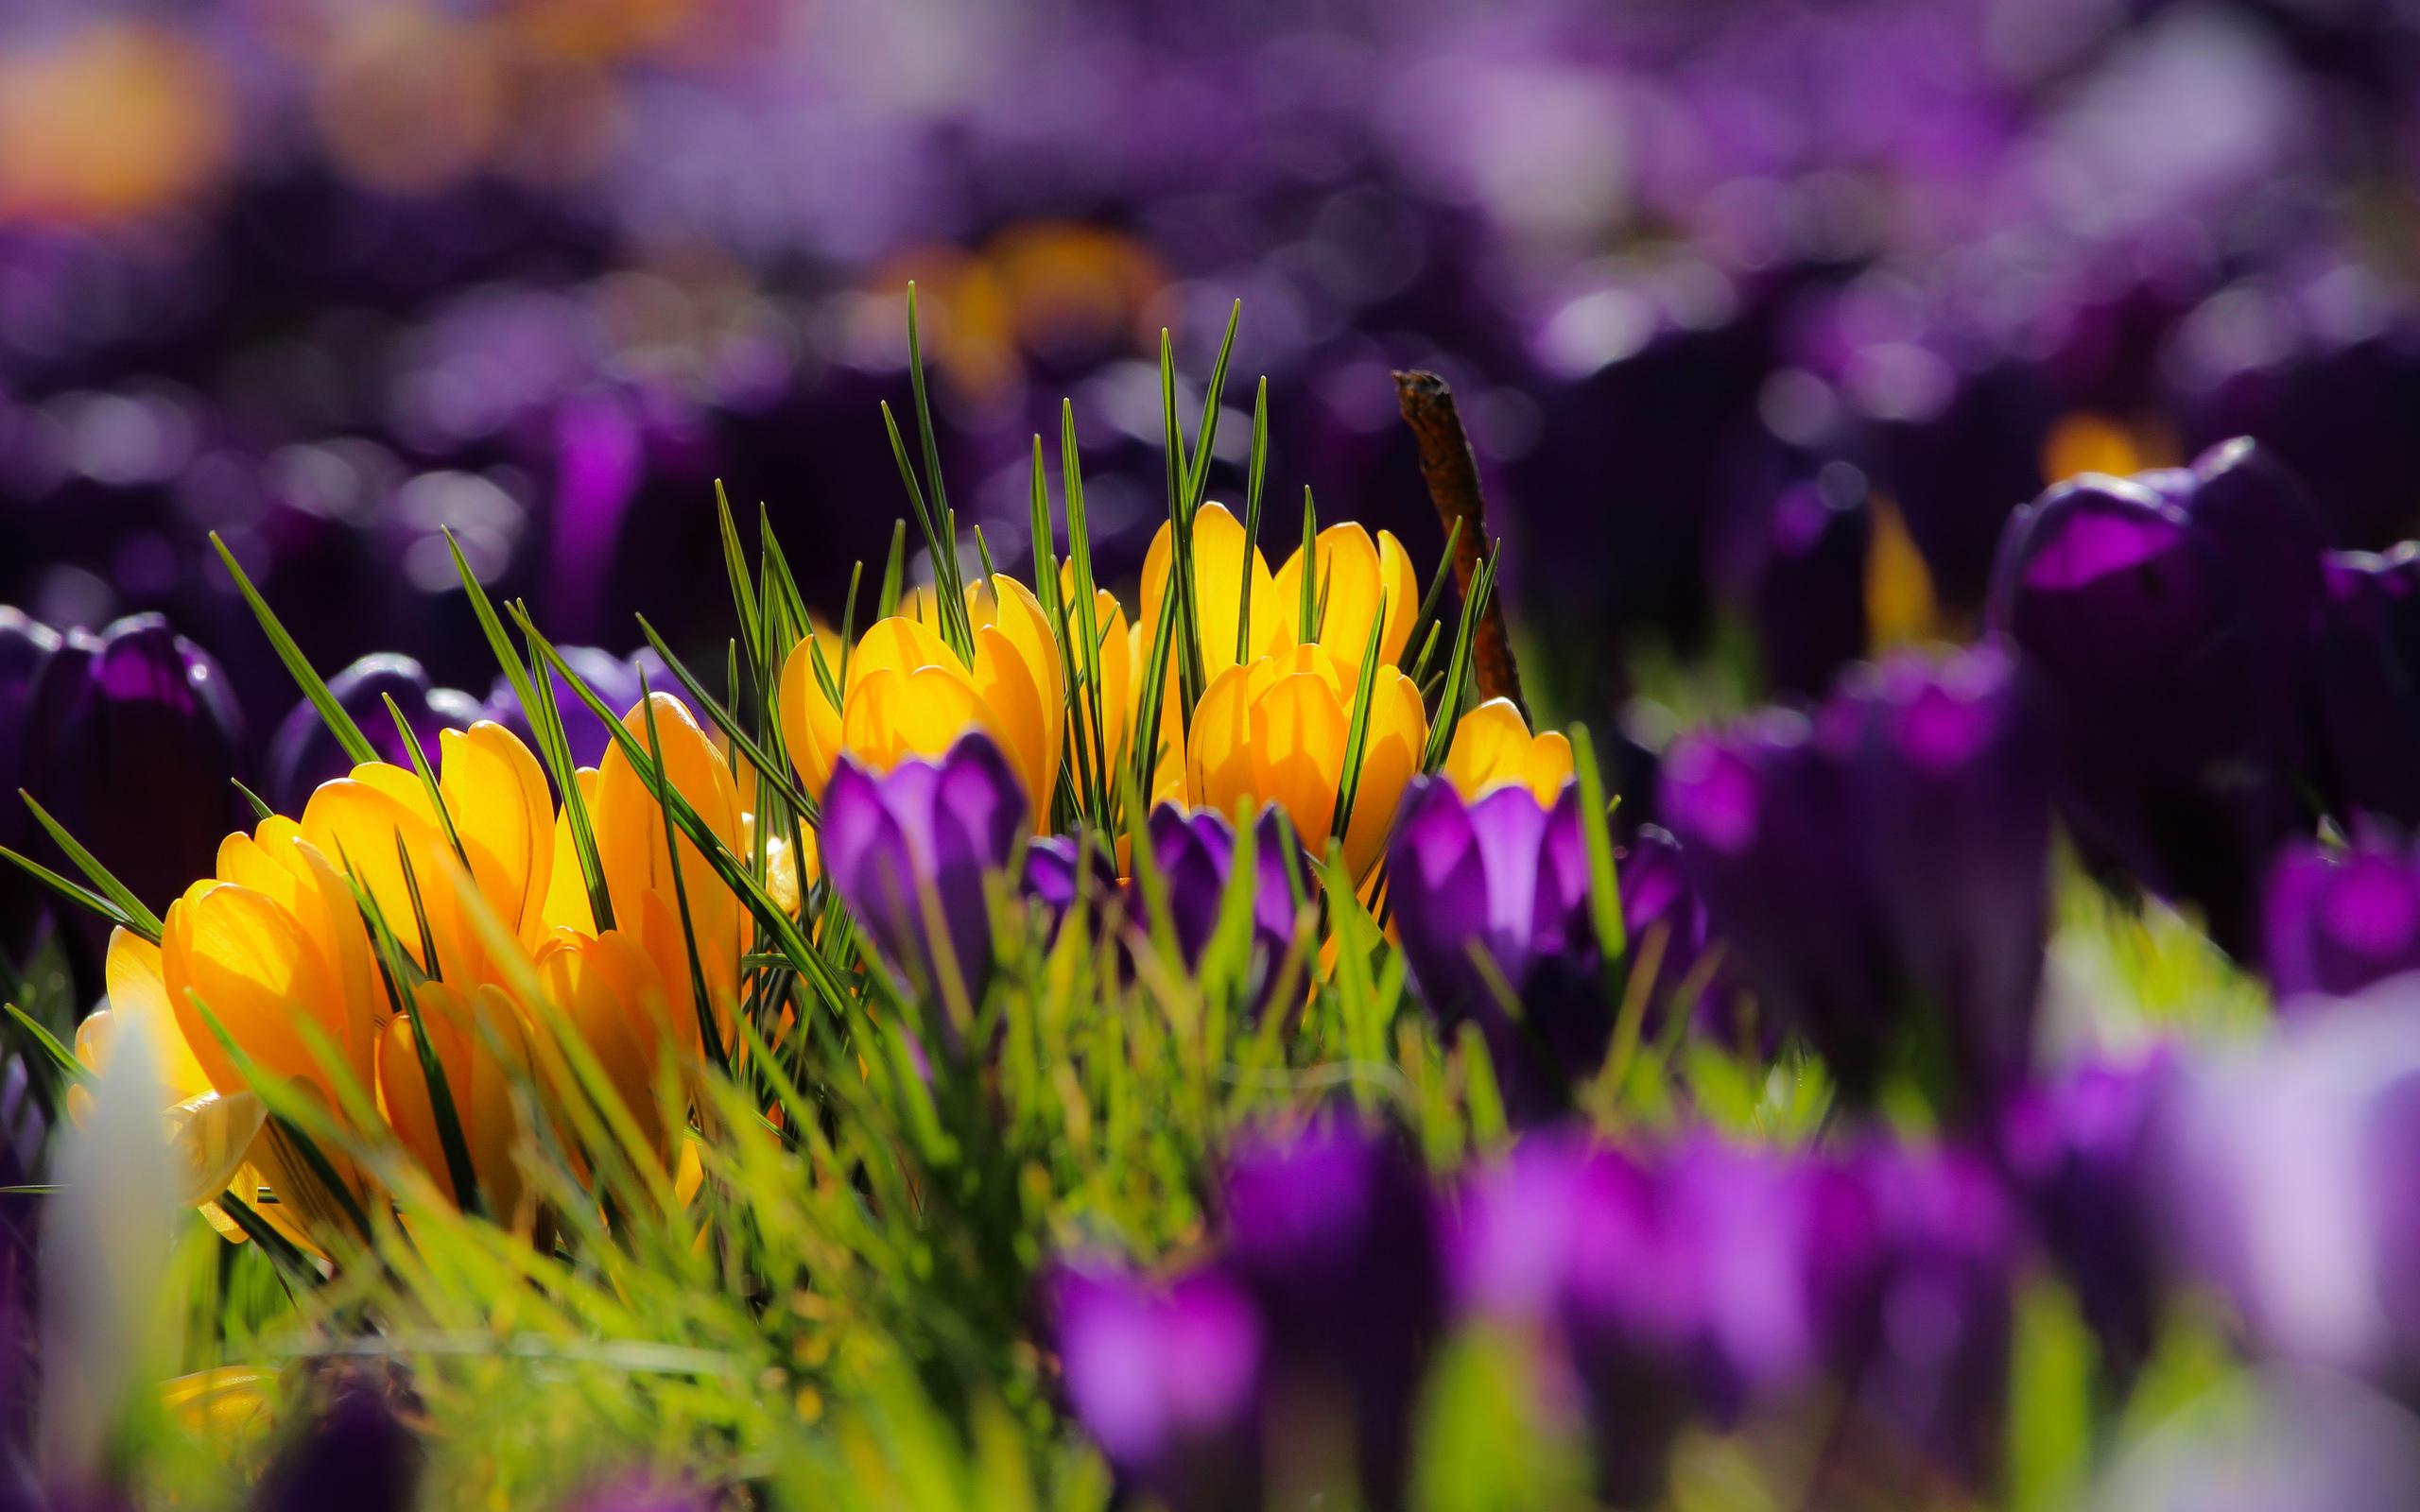 Скачать цветы картинки  бесплатно бесплатные картинки